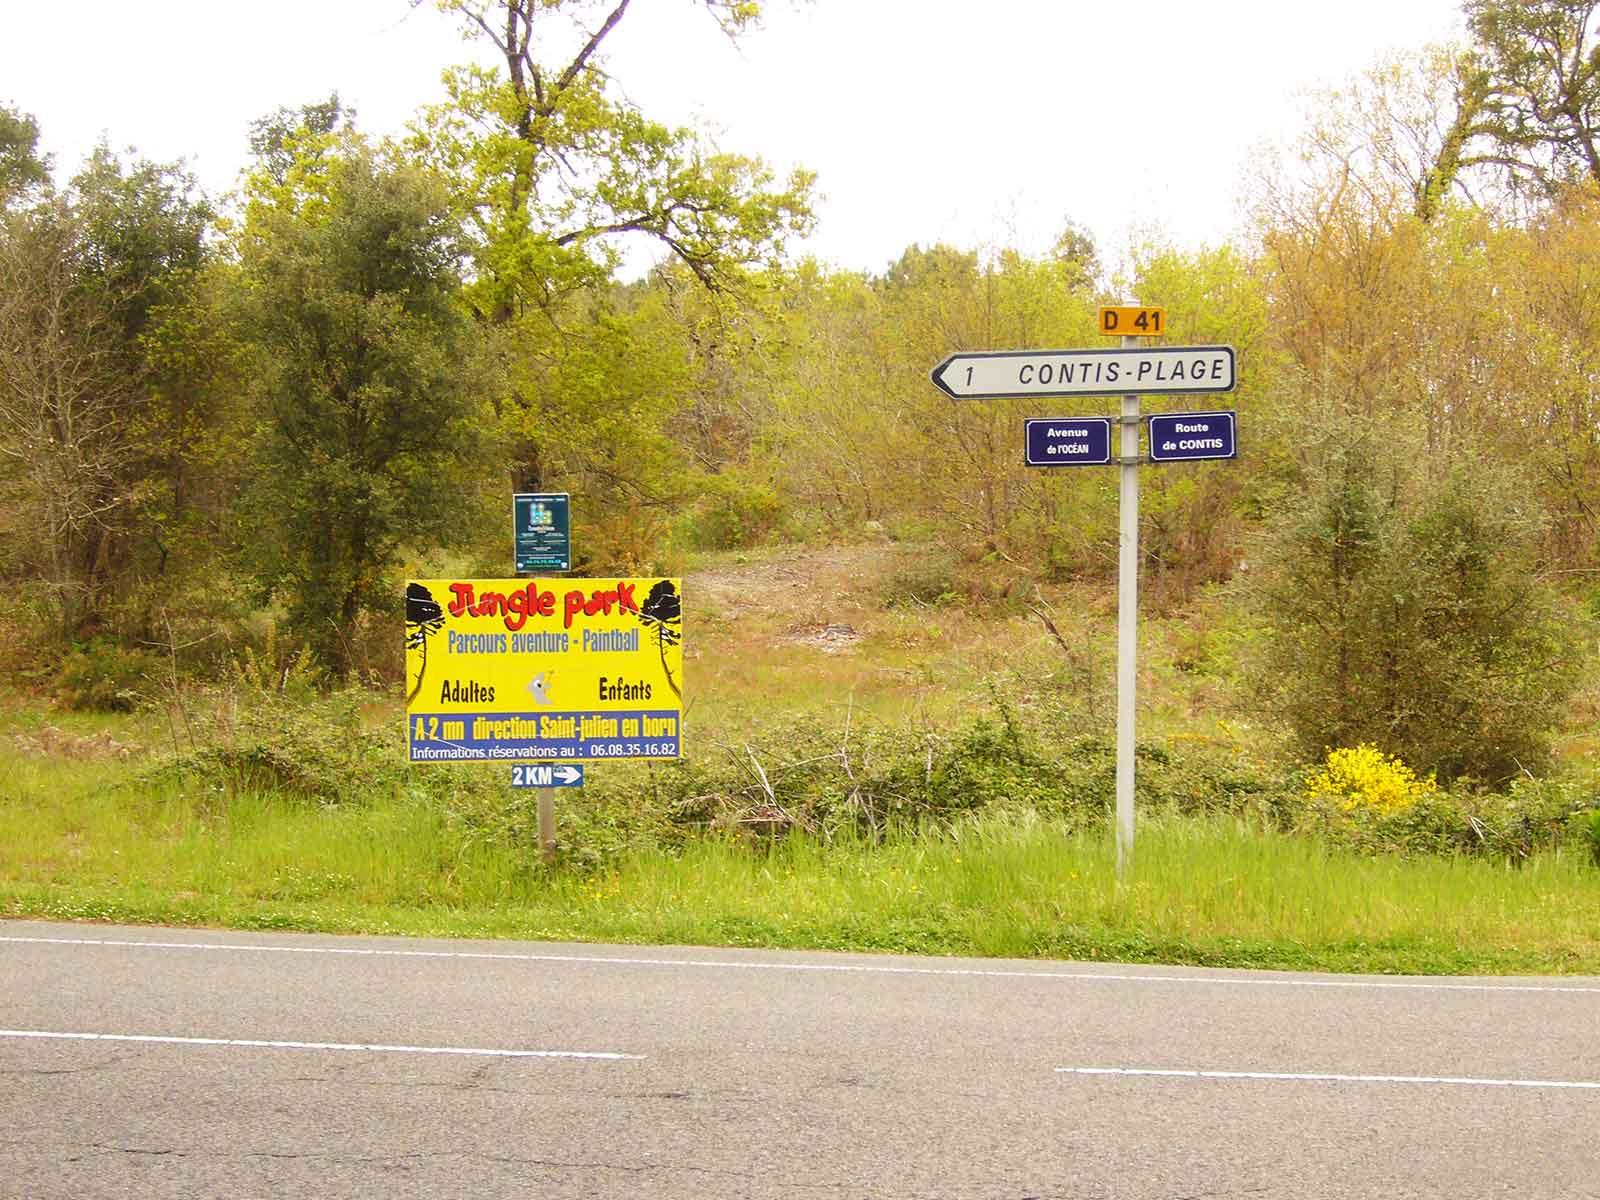 Cartel indicando la dirección hacia Contis Plage